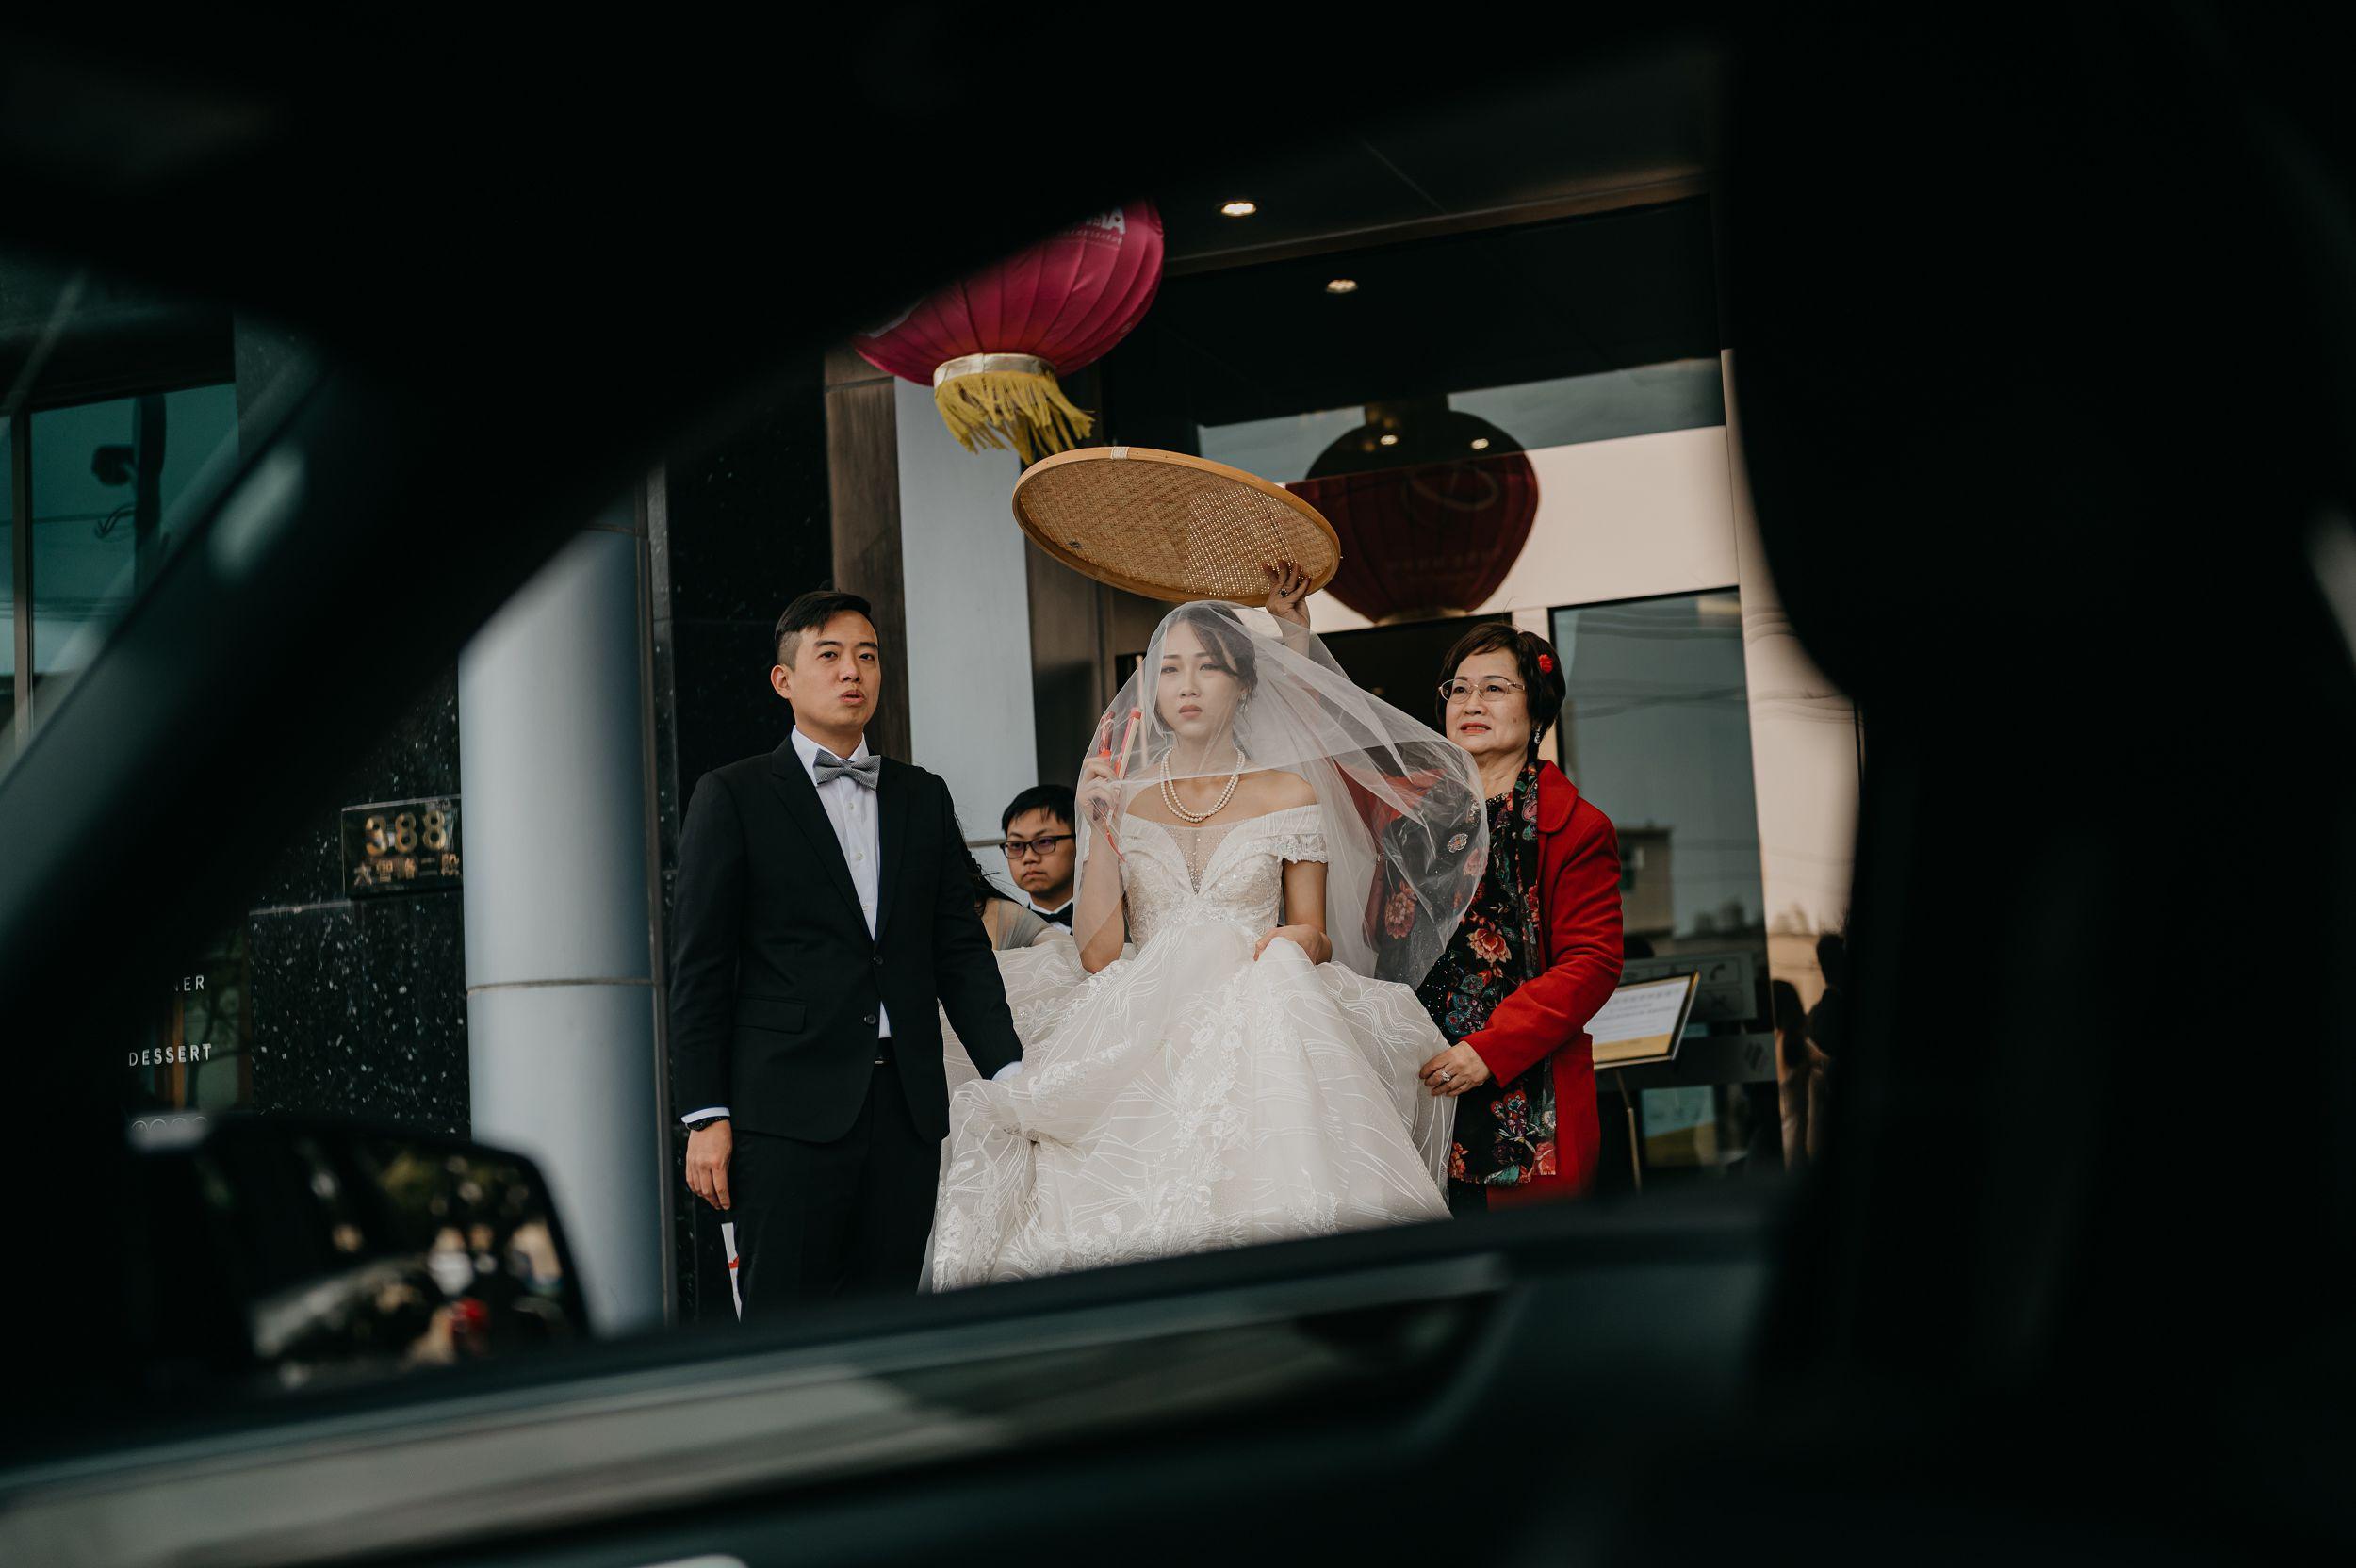 婚攝推薦,婚攝,婚禮紀錄,婚禮紀實,台中婚攝,台中港酒店,類婚紗,闖關,遊戲,拜別,風雲20,美式攝影,新娘物語推薦,ptt推薦,新秘推薦,造型師,進場小遊戲,